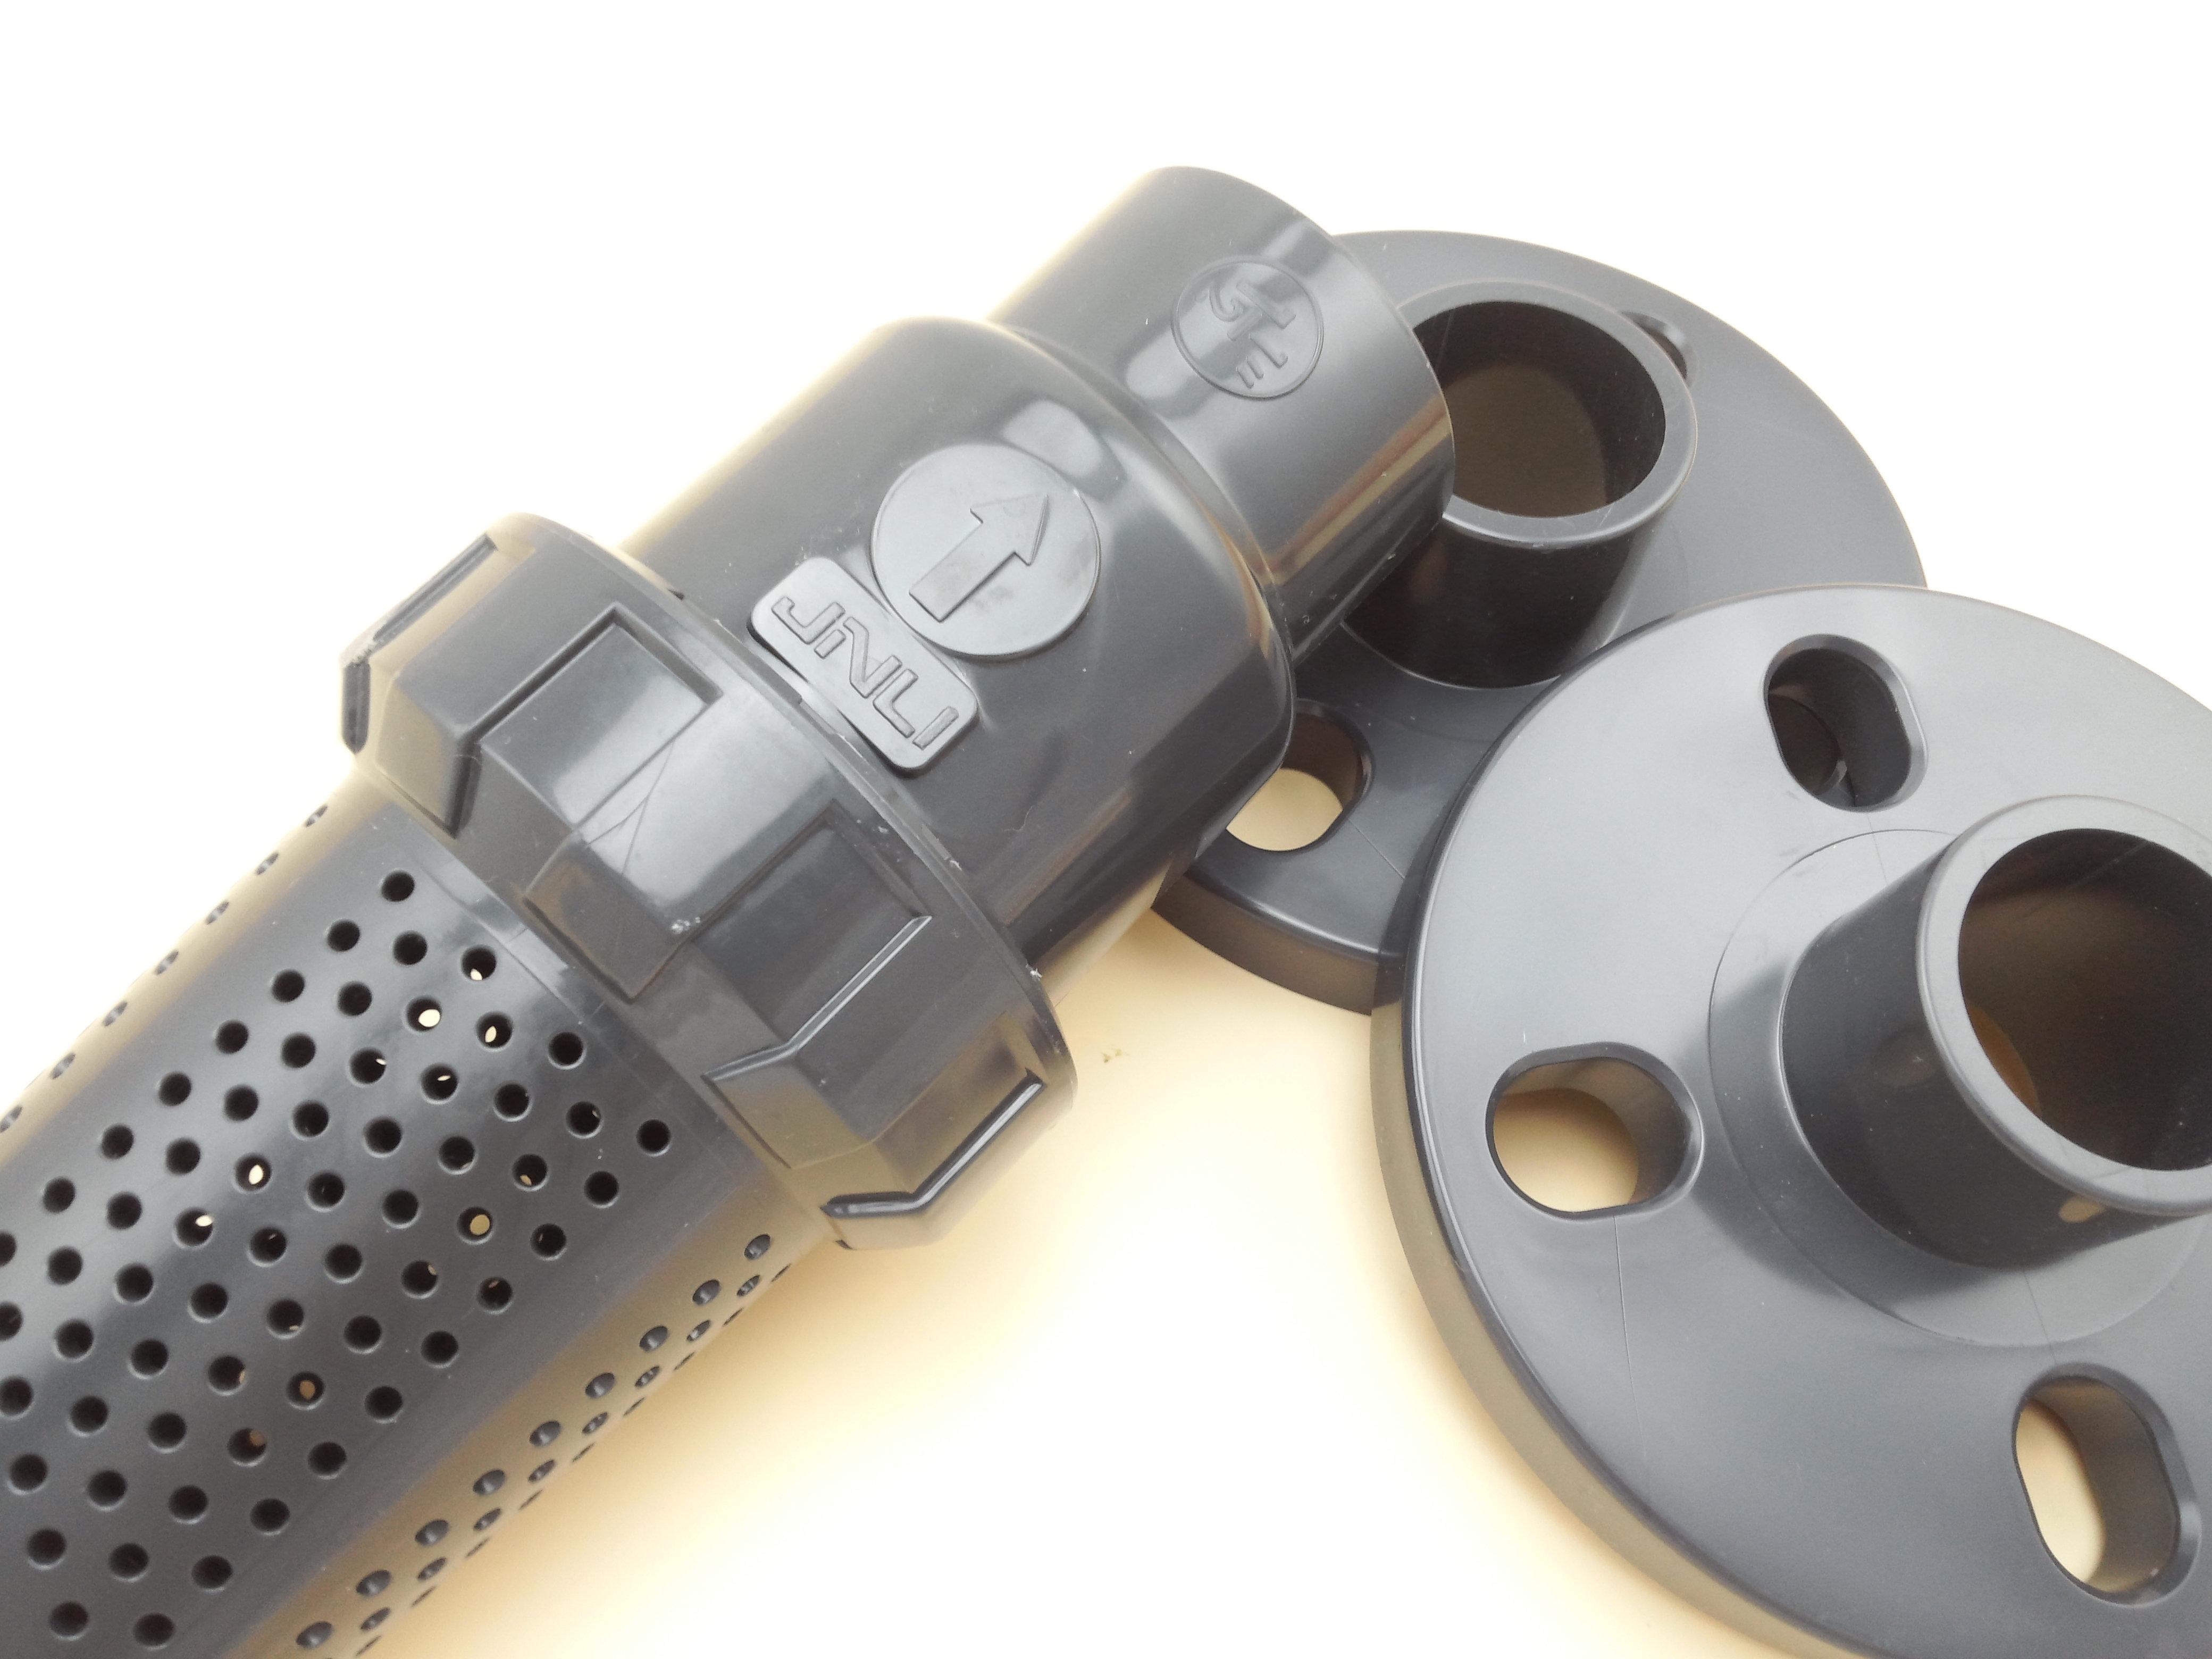 供应台州黄岩jnli京利upvc塑料国标dn25法兰式圆孔球型底阀图片